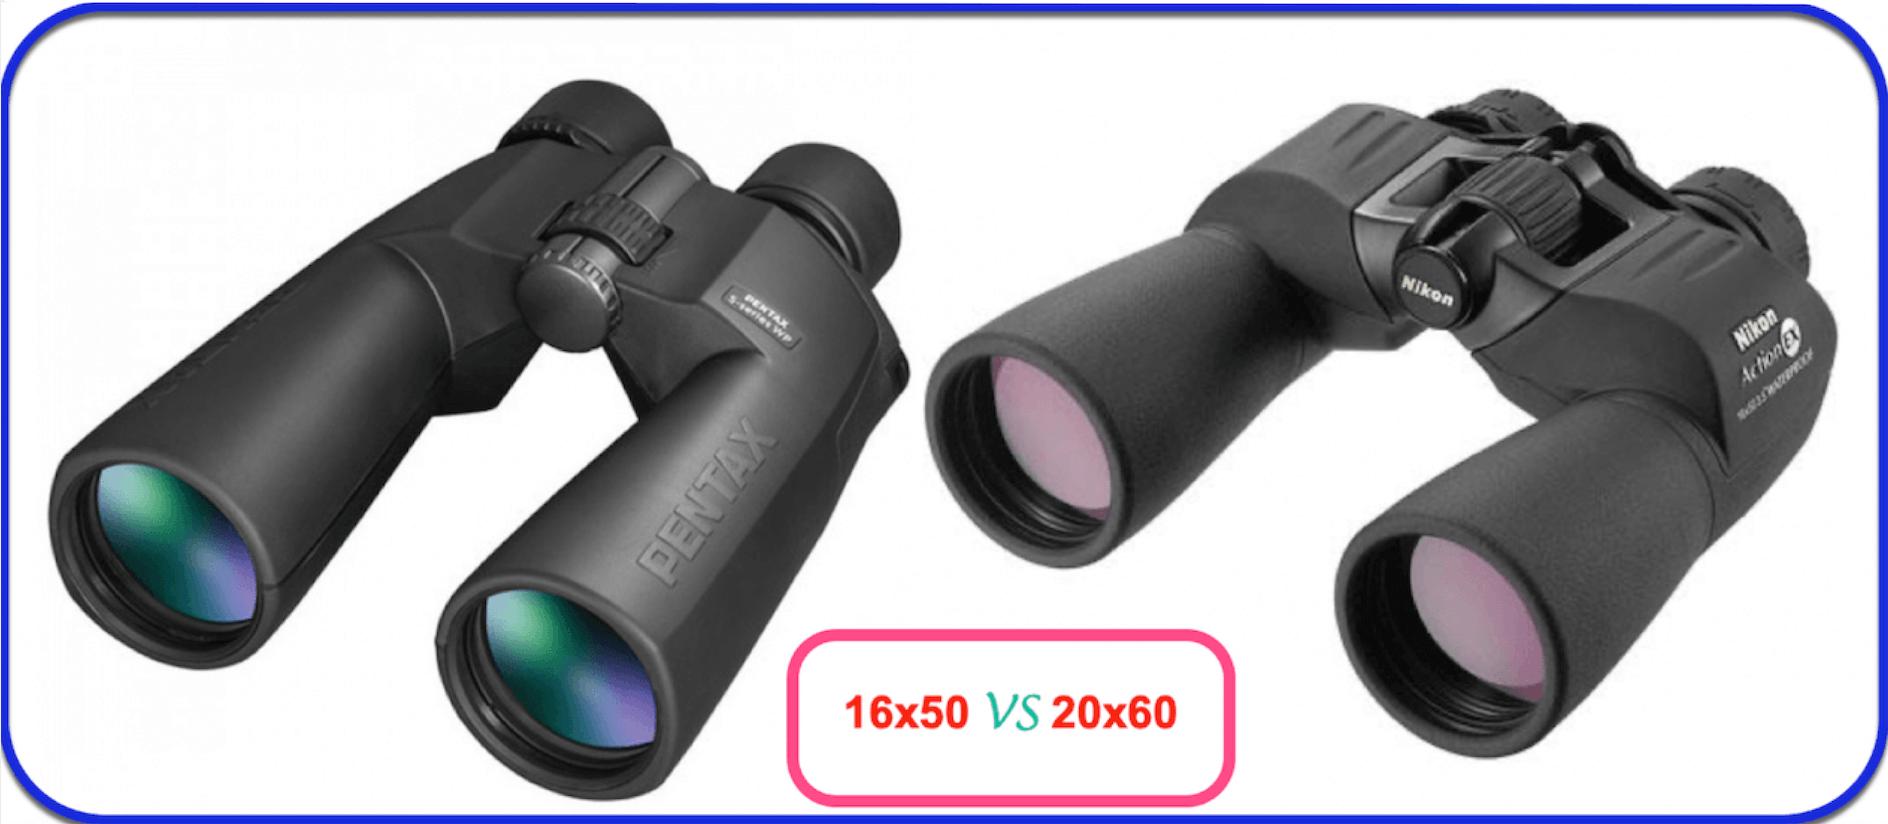 16x50vs20x60 binoculars